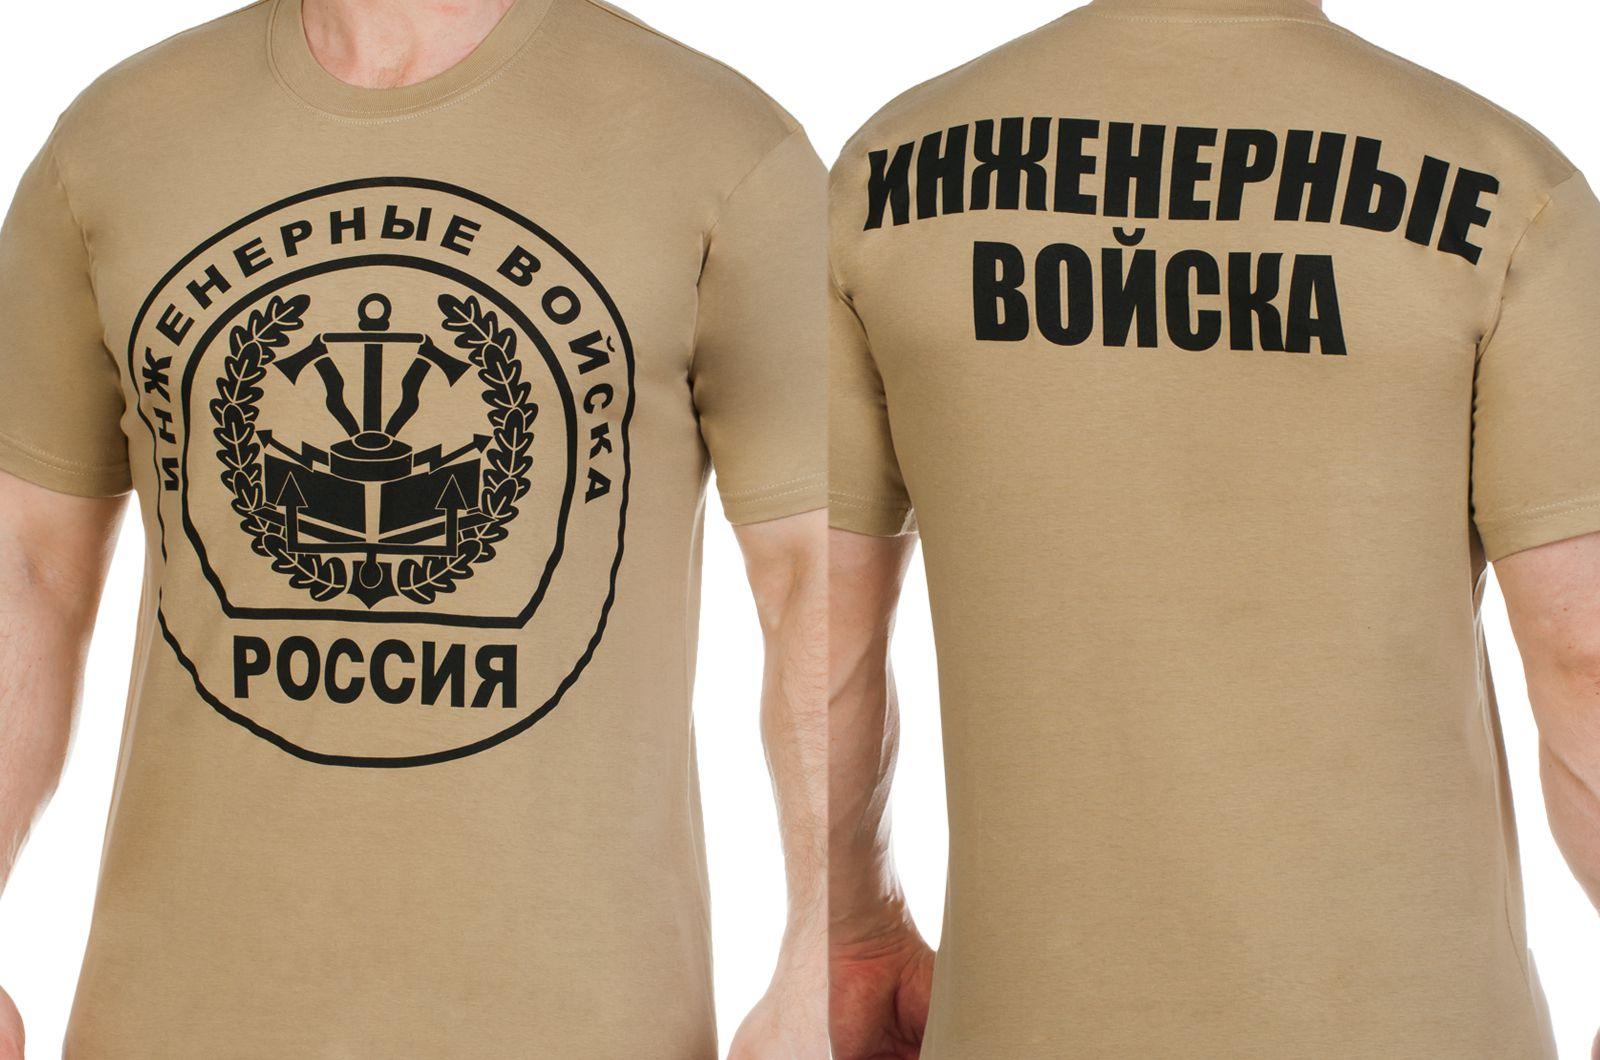 Заказать футболки с эмблемой Инженерных войск